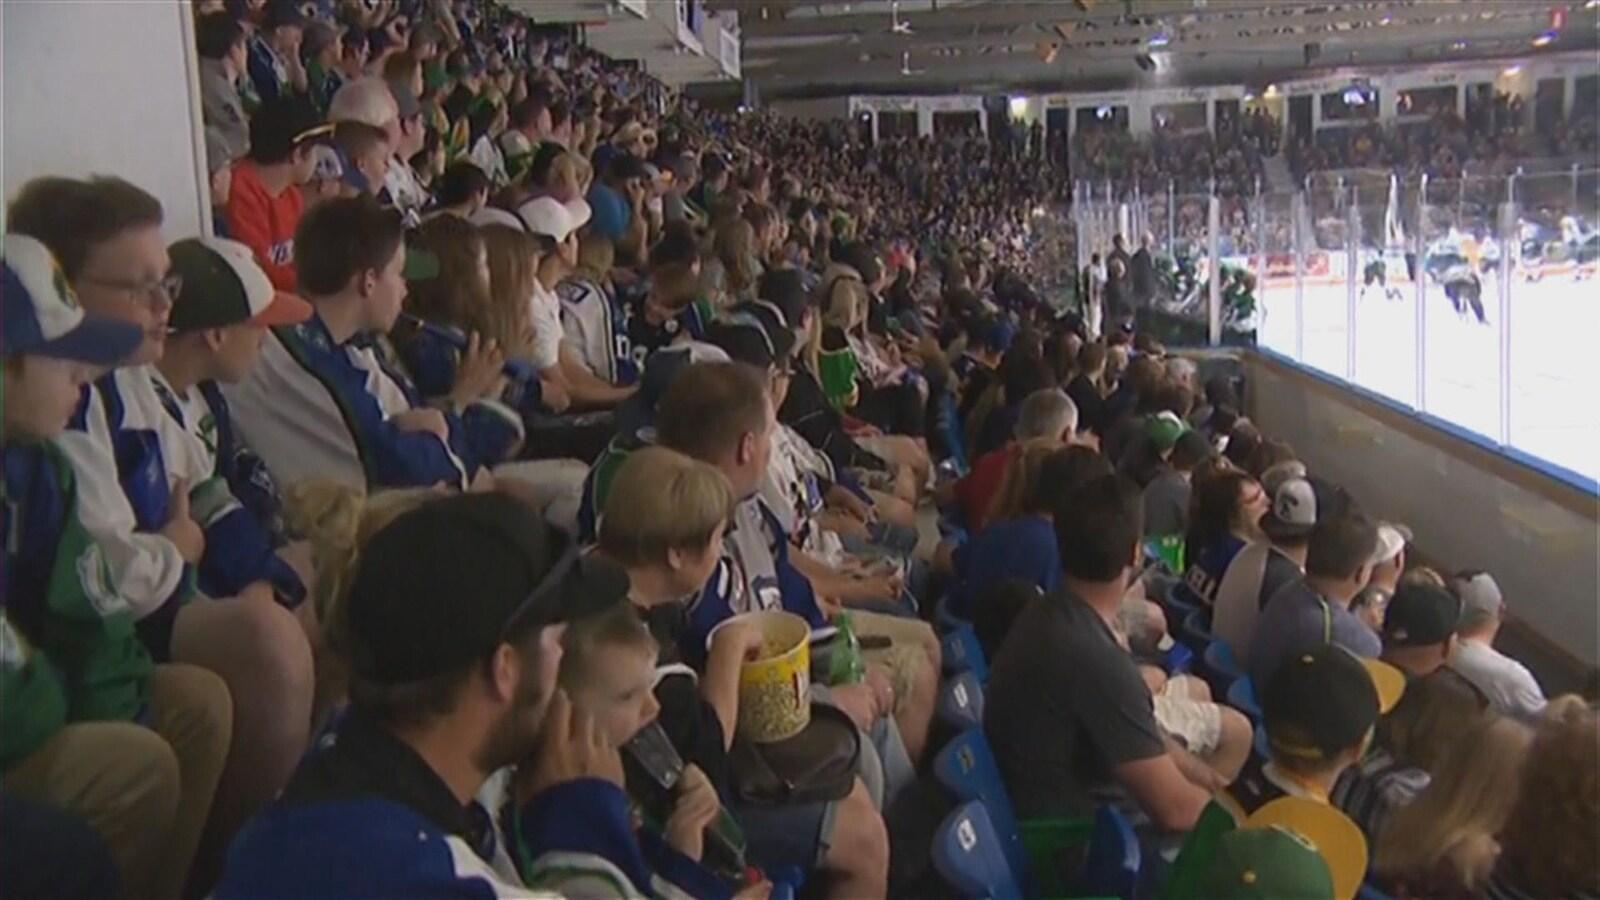 La foule porte des chandails de hockey et regarde attentivement la glace où se déroule le match.